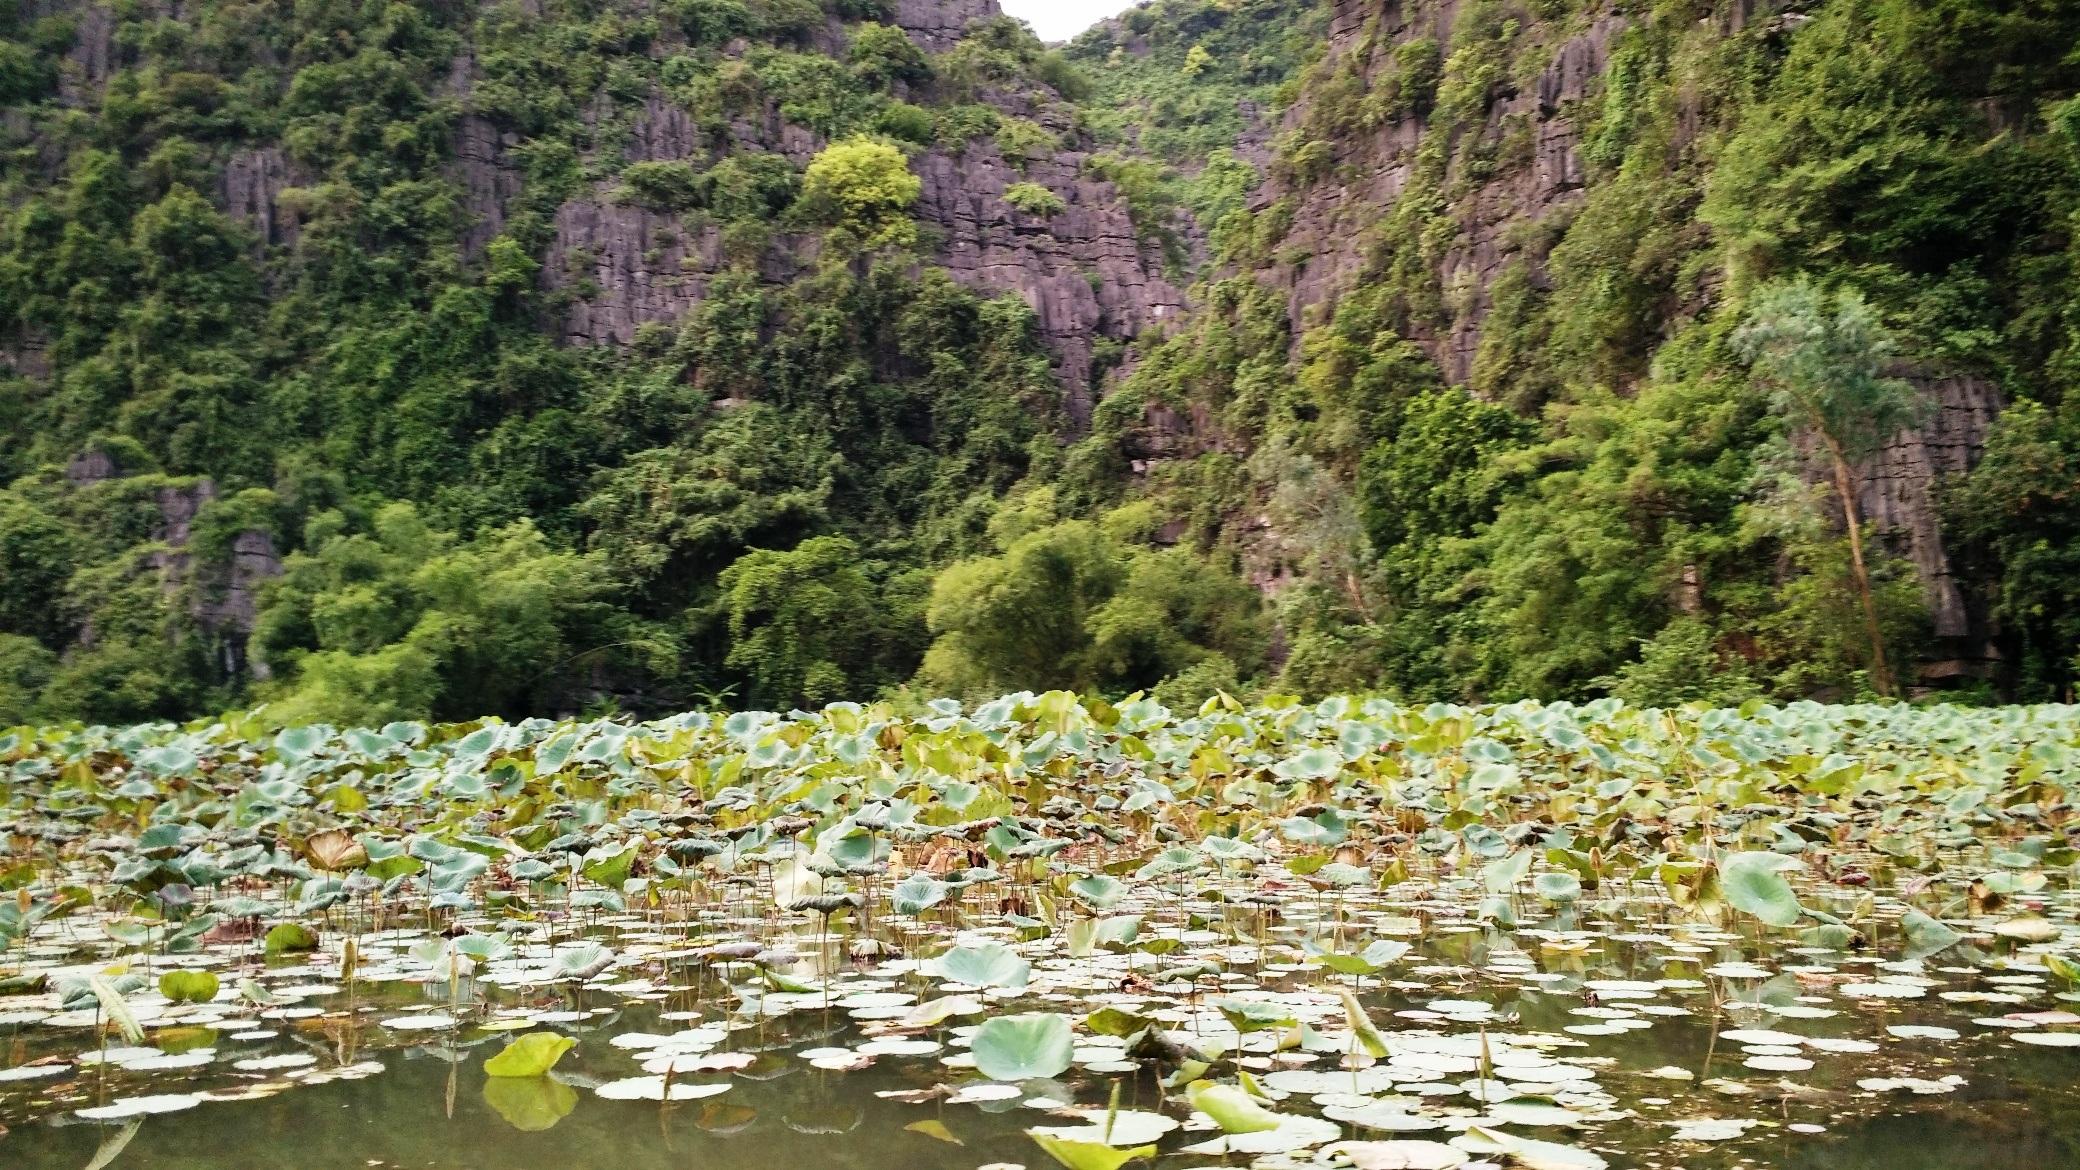 Dòng sông trải dài đầy sen tạo nên khung cảnh hoang sơ tuyệt đẹp.